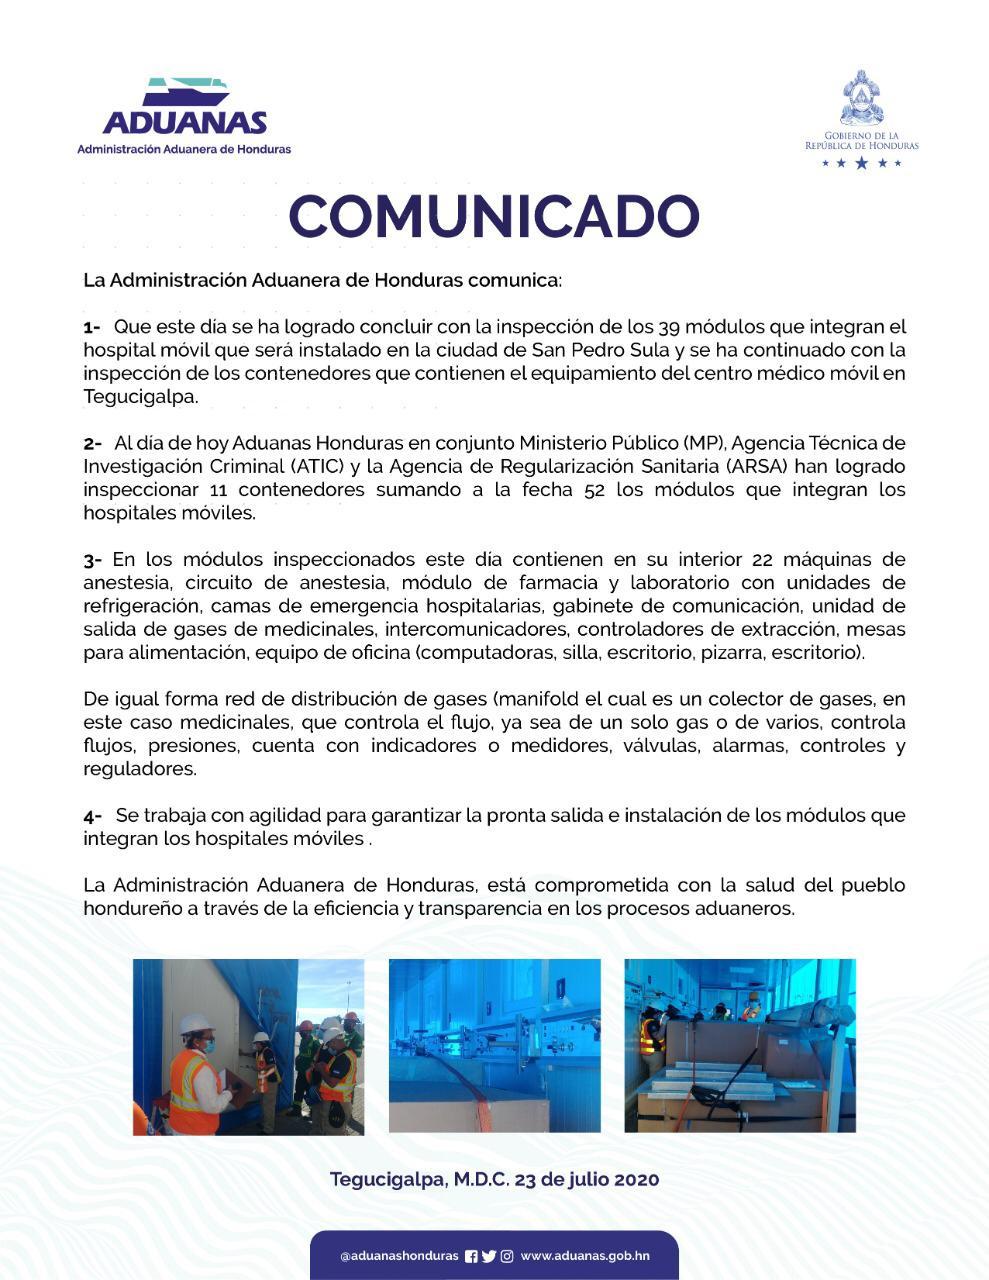 Comunicado de Adunas de Honduras.